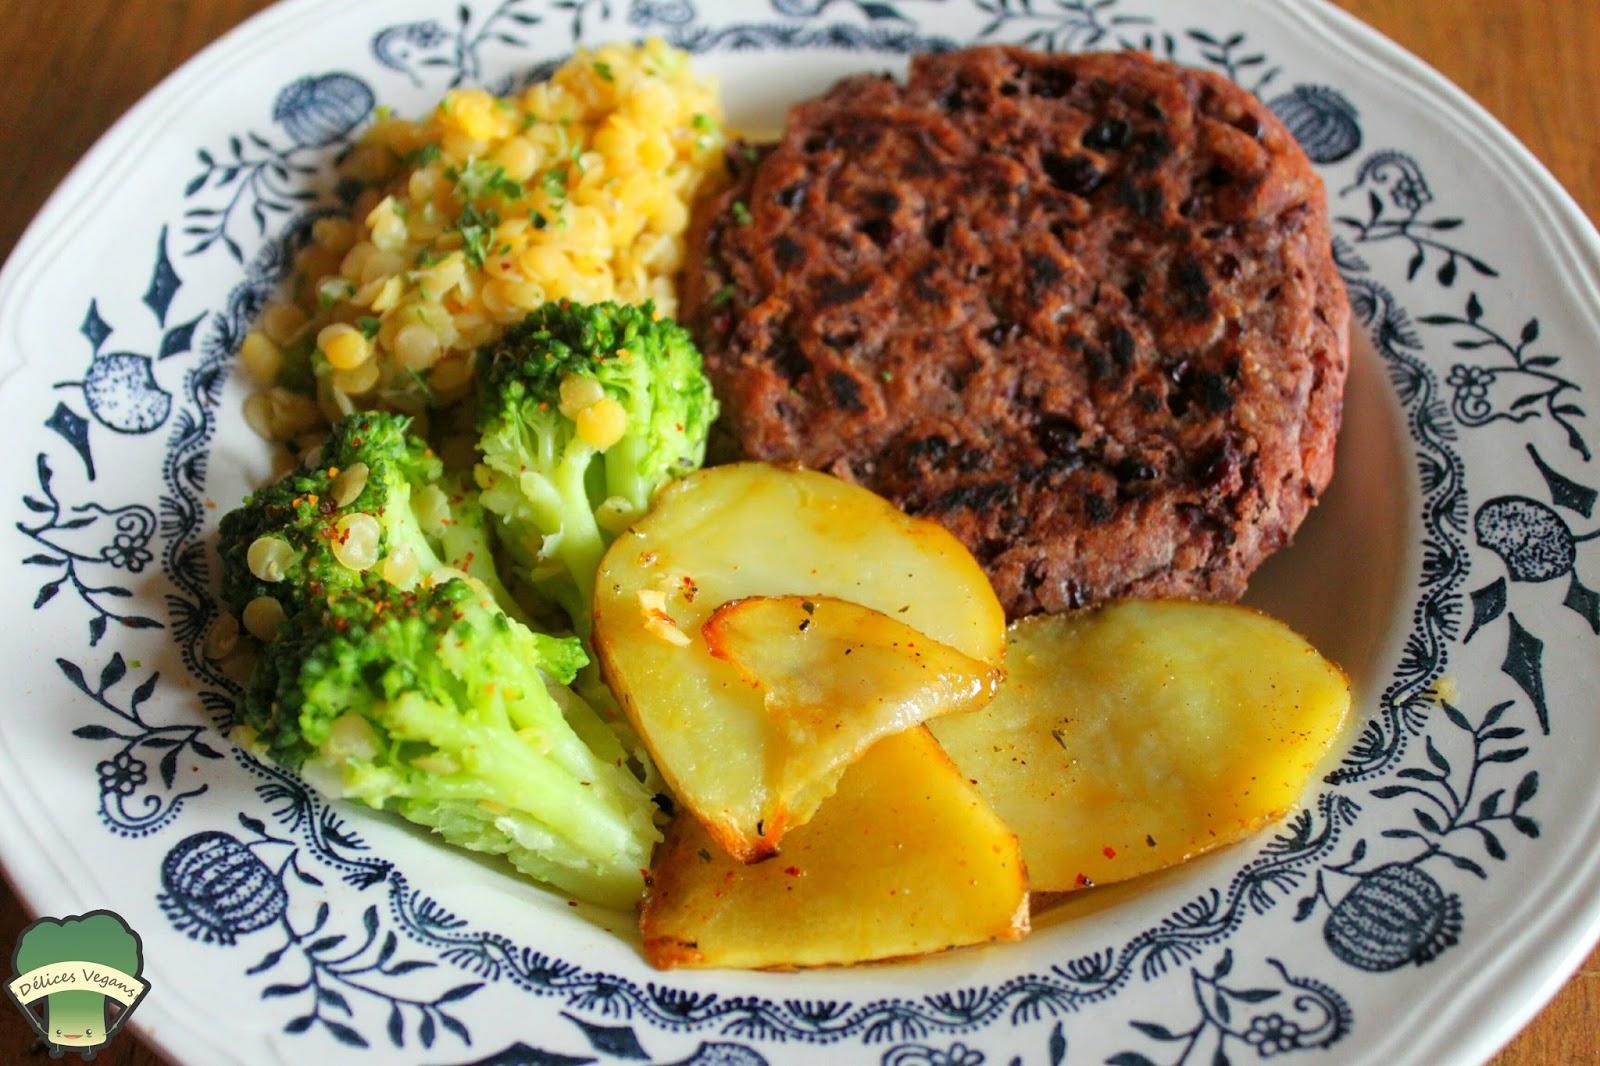 repas sain et quilibr recette good luquilibre alimentaire nuen faites pas tout un plat with. Black Bedroom Furniture Sets. Home Design Ideas